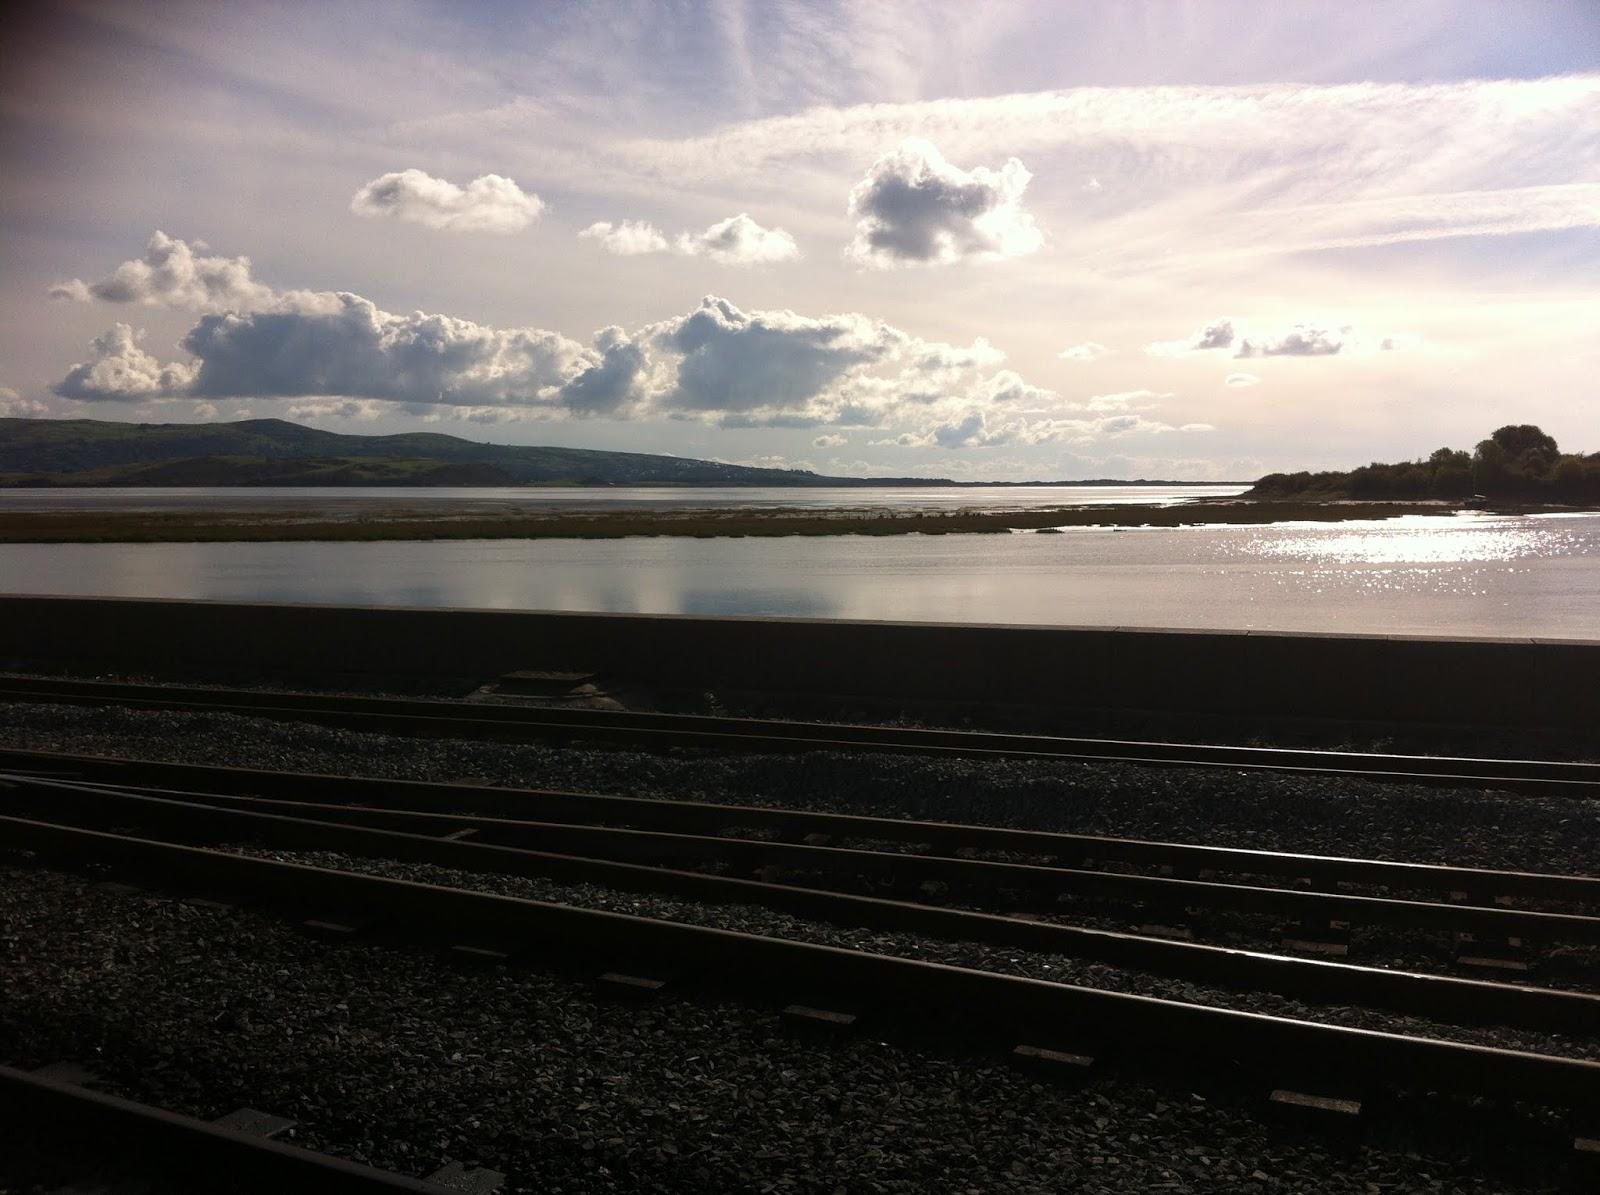 ffestiniog railway porthmadog